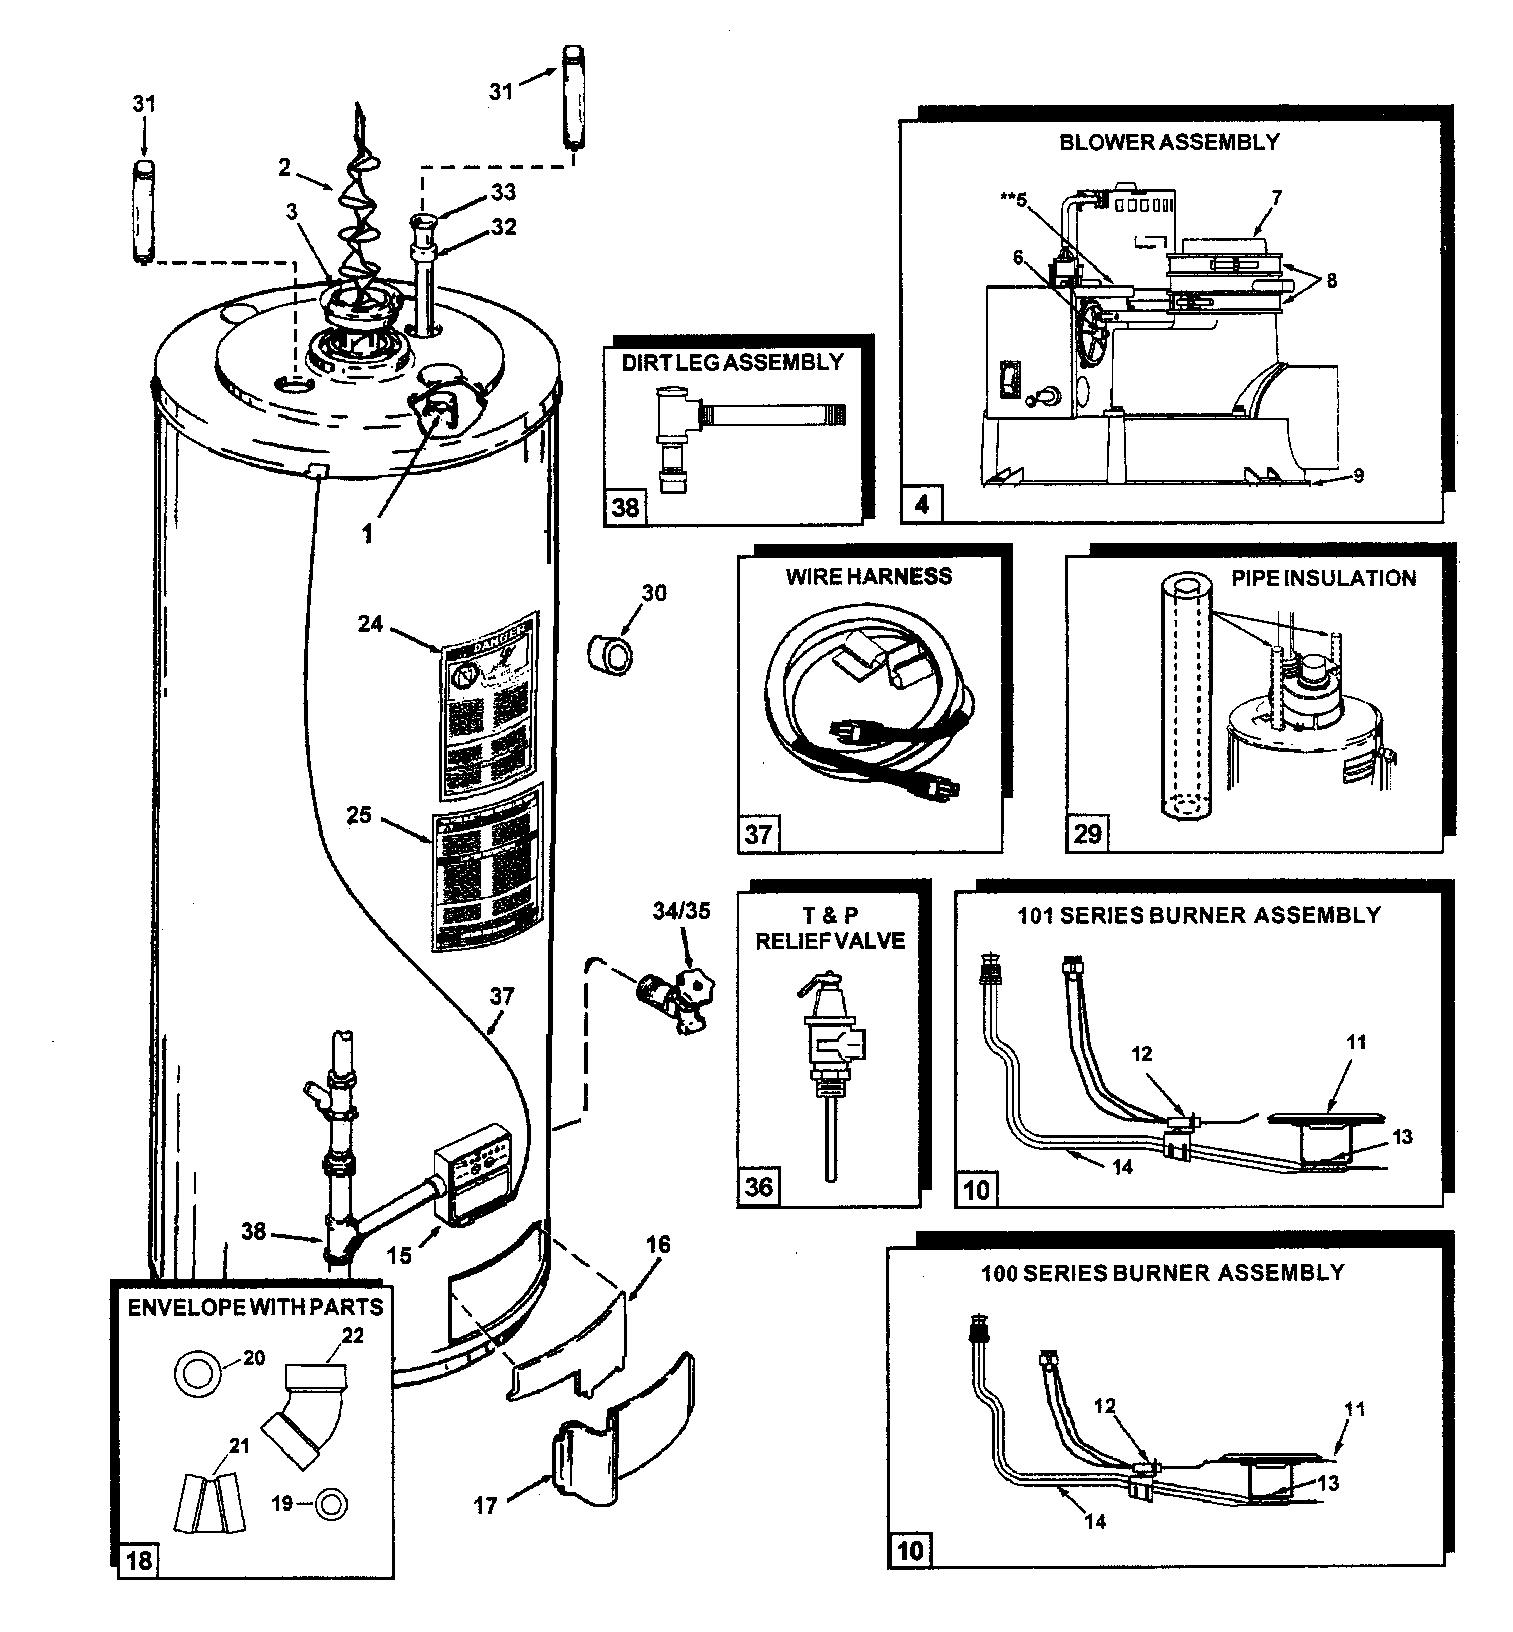 [DHAV_9290]  BN_8727] Heater Wiring Diagram Moreover Electric Hot Water Heater Diagram  Download Diagram | Industrial Heaters Wiring Diagram |  | Stap Scata Kapemie Mohammedshrine Librar Wiring 101